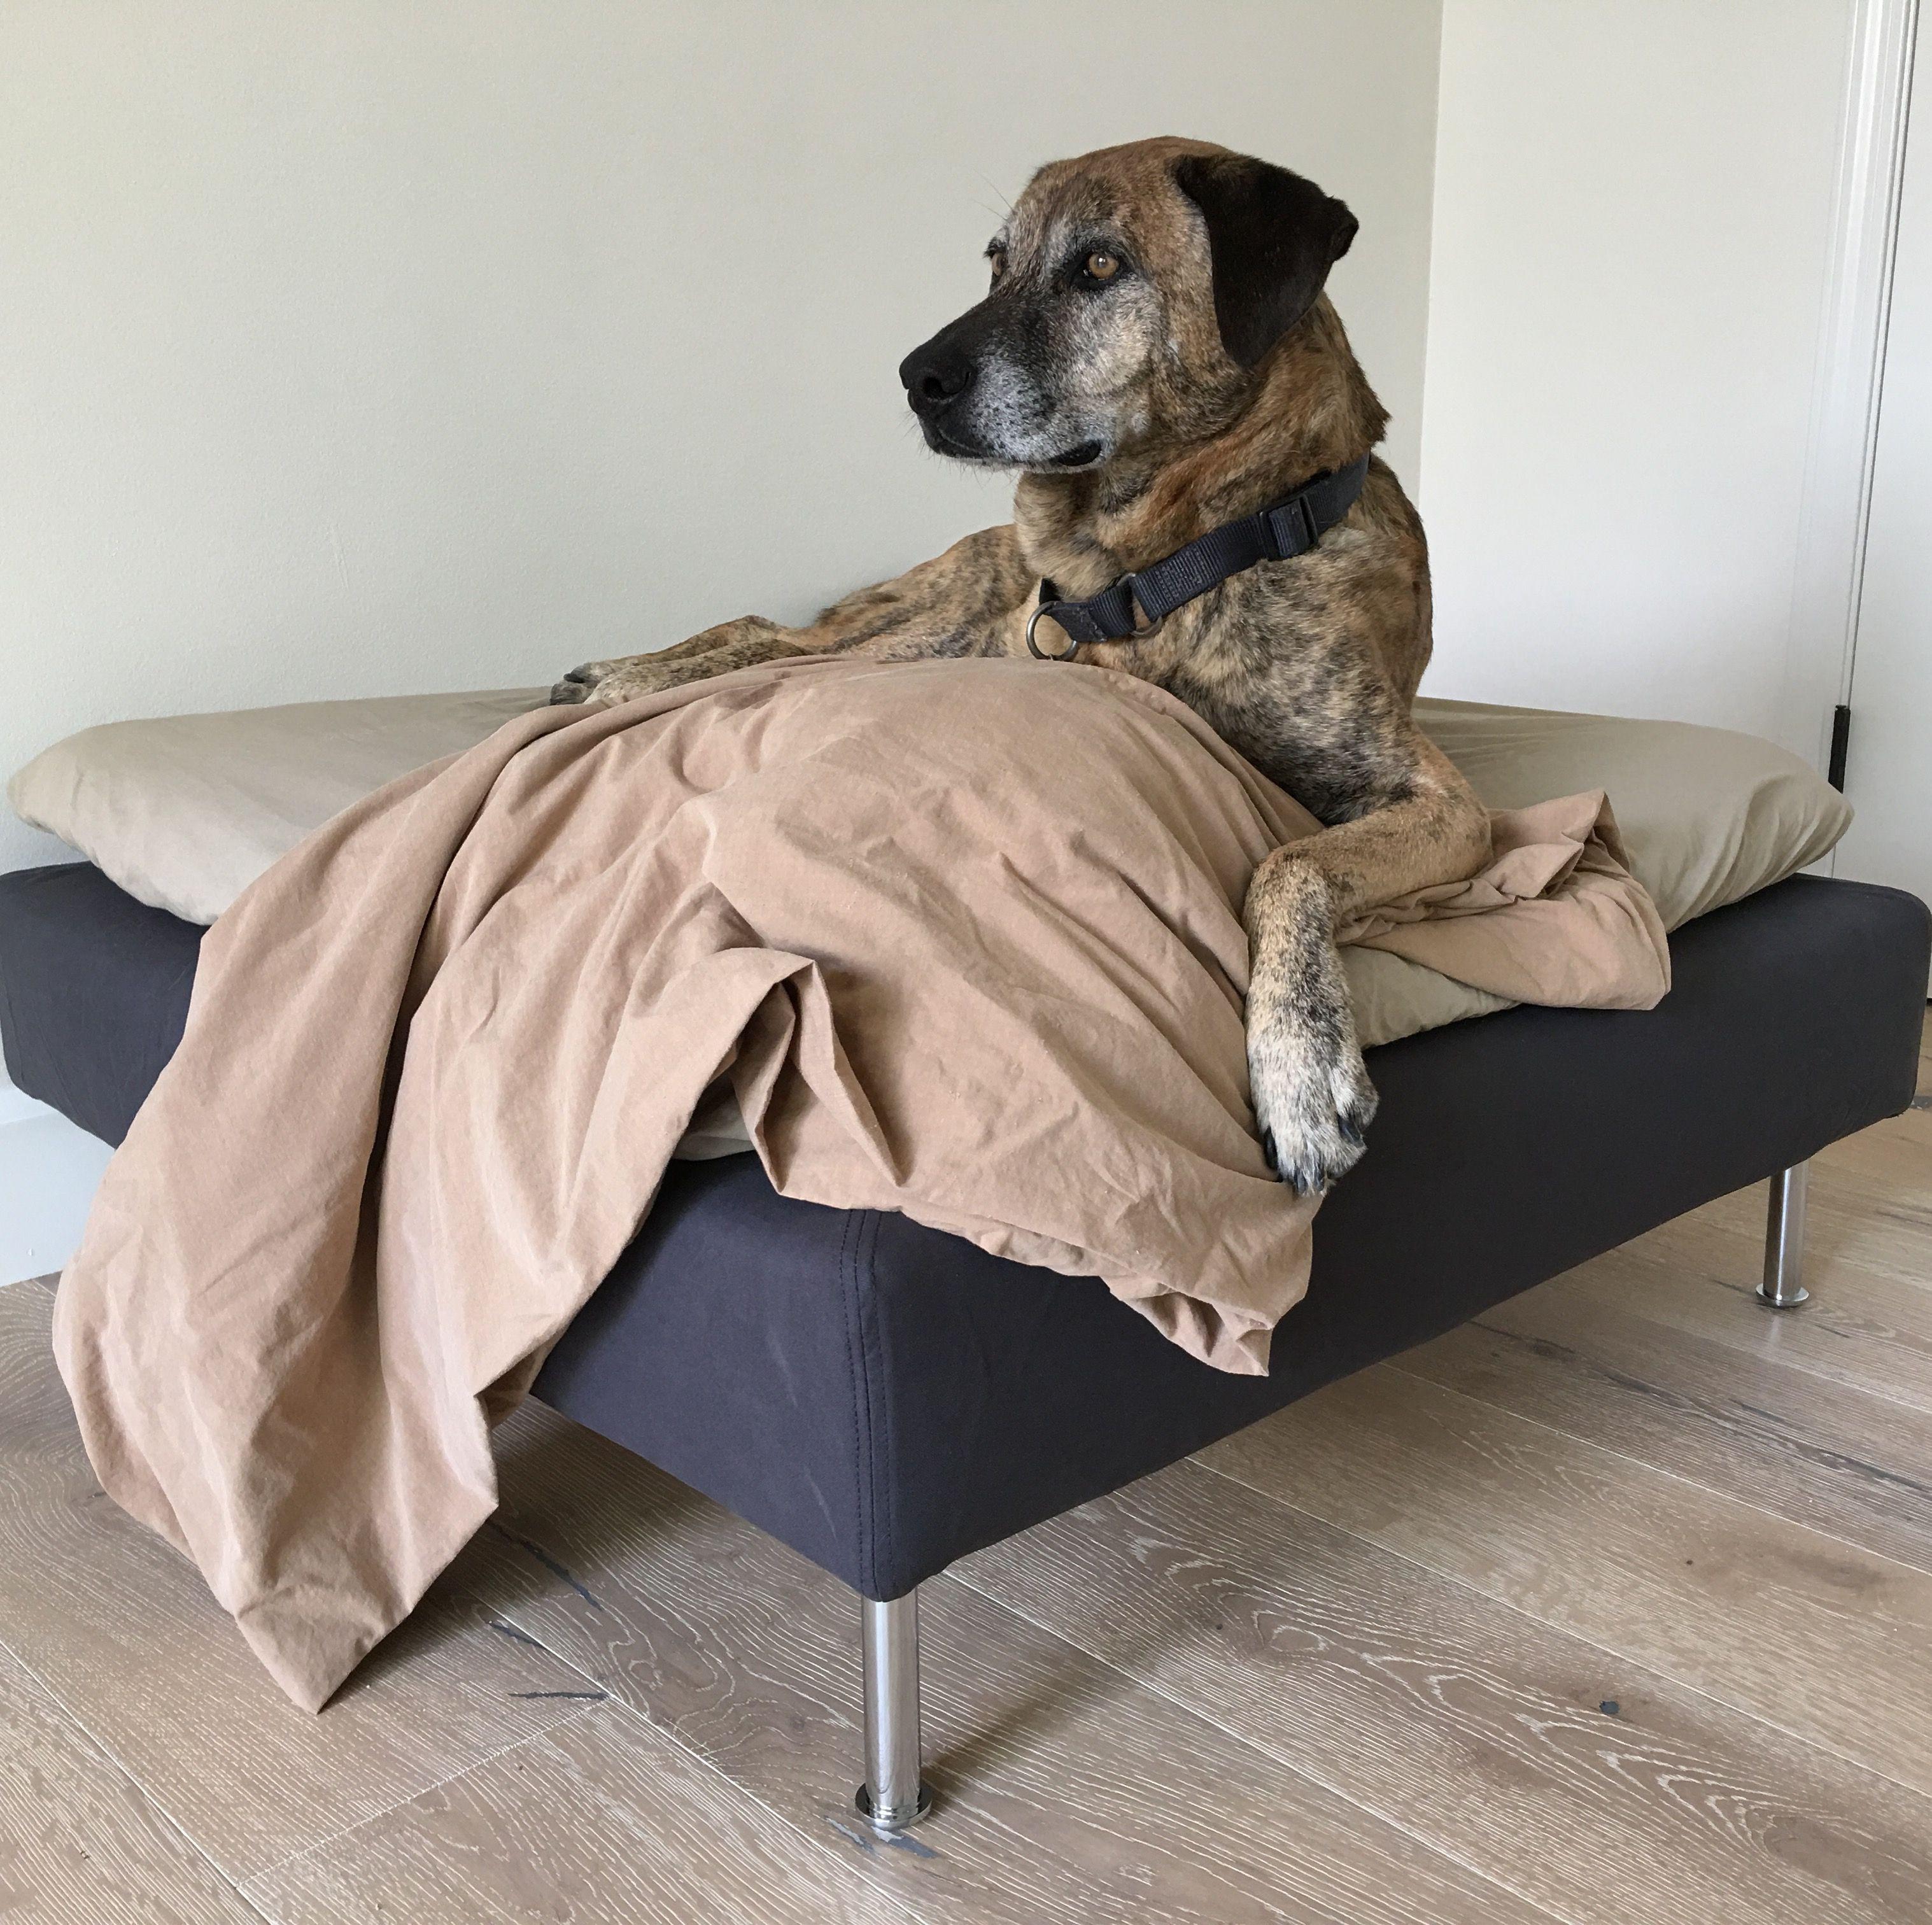 pets and hardwood floors of ikea says ottoman ozzy says dog bed ikea soderhamn ottoman in grey regarding ozzy says dog bed ikea soderhamn ottoman in grey garrison dubois anastasia engineered wood floor